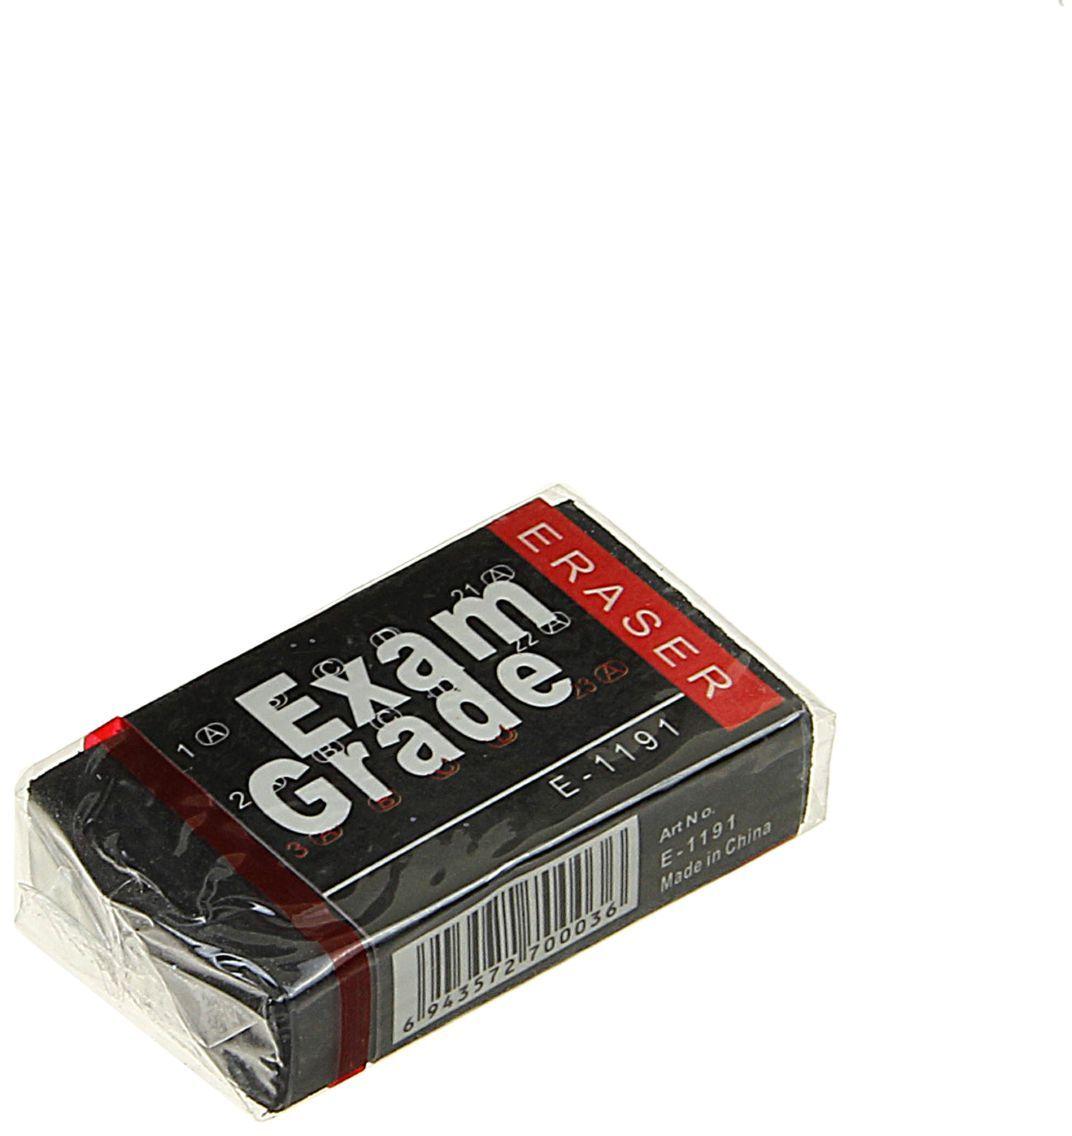 Exam Grade Ластик цвет черный72523WDЛастик Exam Grade станет незаменимым аксессуаром на рабочем столе не только школьника или студента, но и офисного работника. Прямоугольной формы ластик выполнен из синтетики. Подходит для всех видов бумаги.Не оставляет мелкой пыли и крошек.